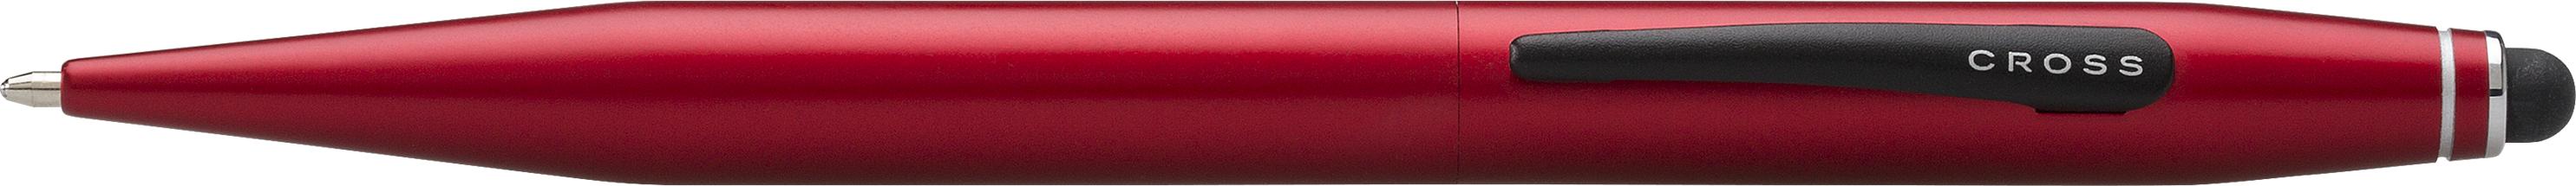 Tech 2 Metallic Red Ballpoint Pen